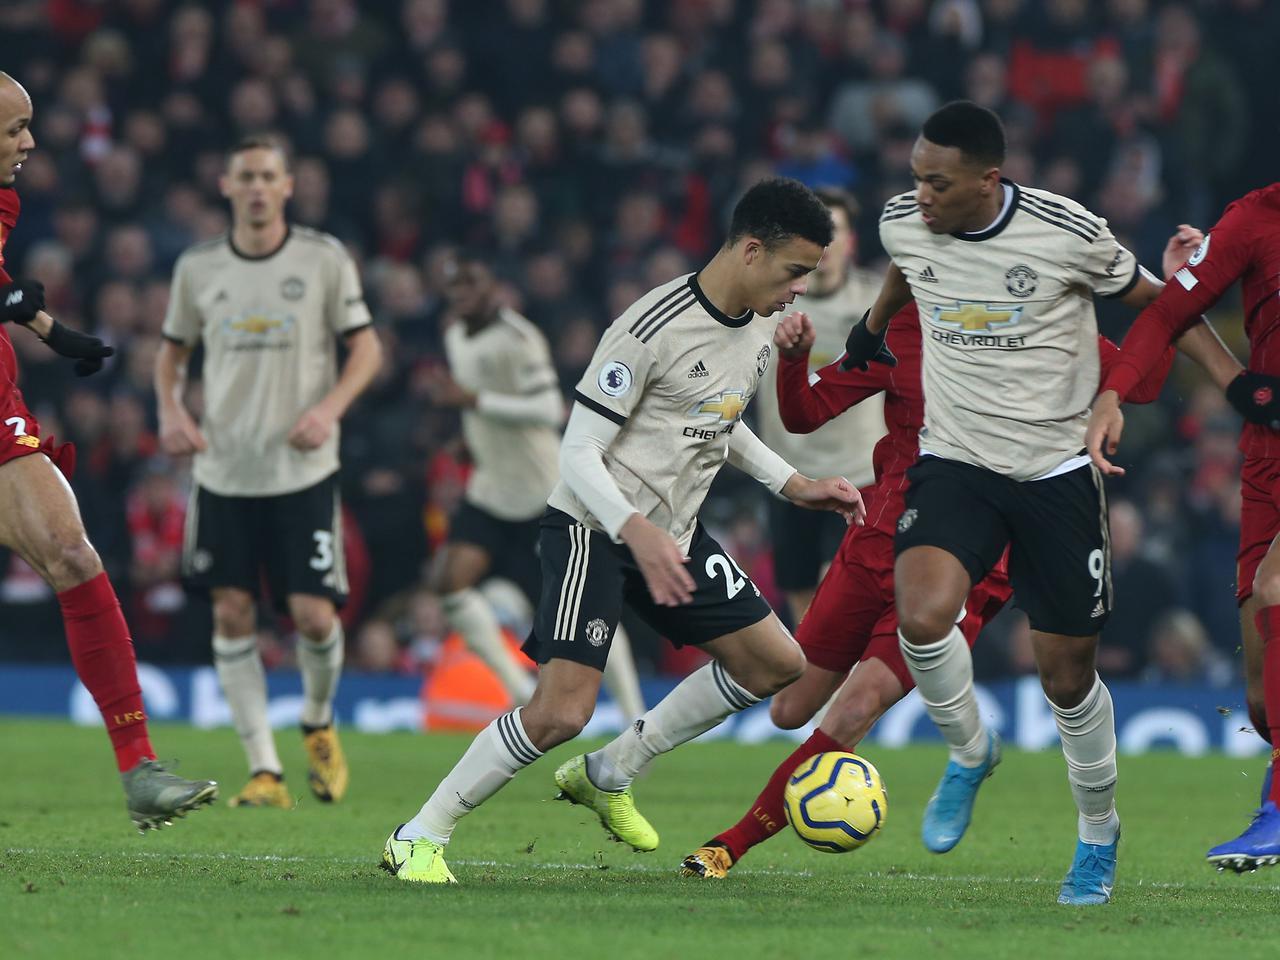 Thua Liverpool, Man Utd coi như đón tân binh mọi CĐV khao khát - Bóng Đá